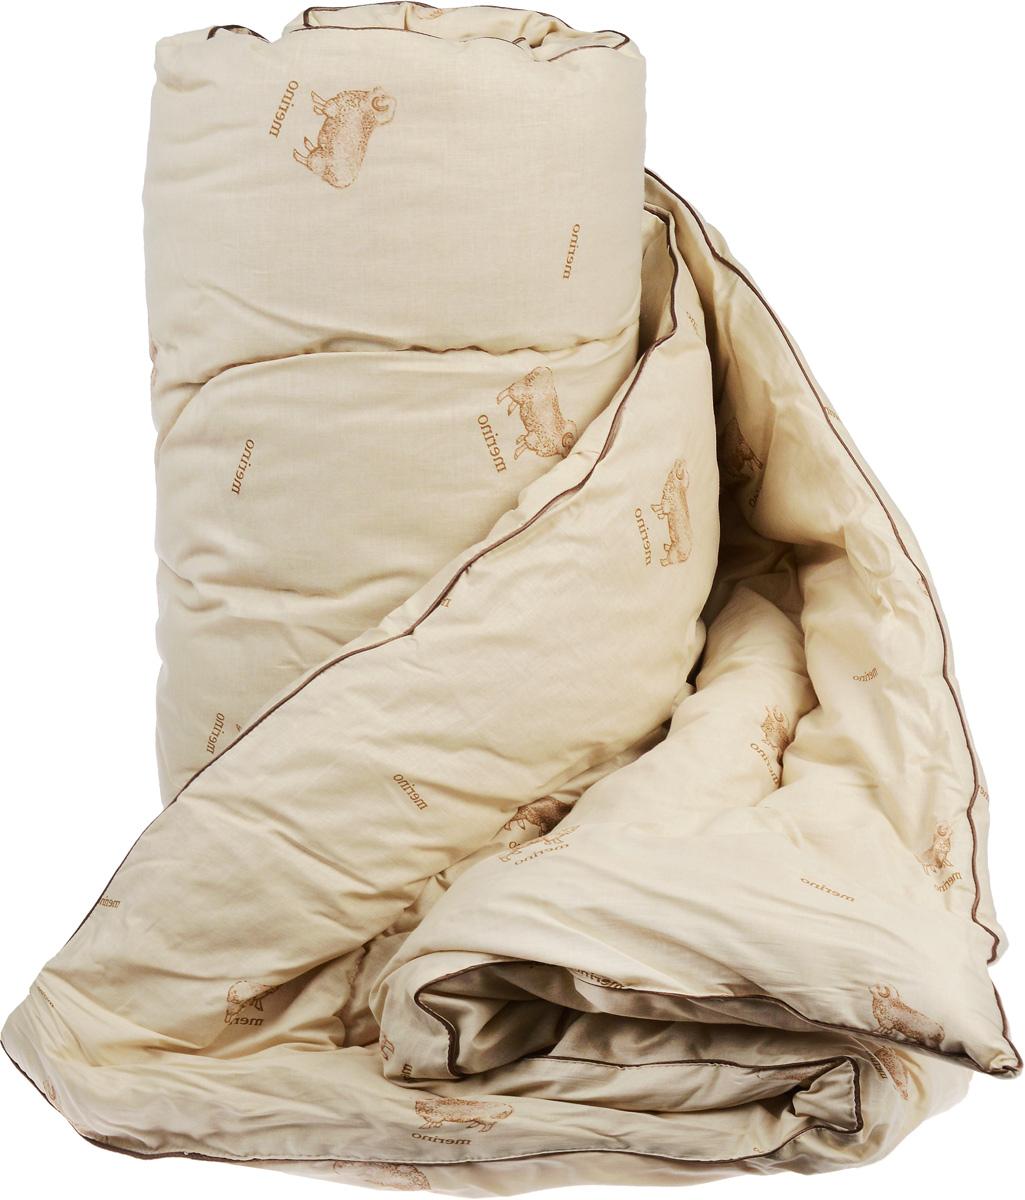 """Одеяло теплое Легкие сны """"Полли"""", наполнитель: овечья шерсть, 200 x 220 см"""